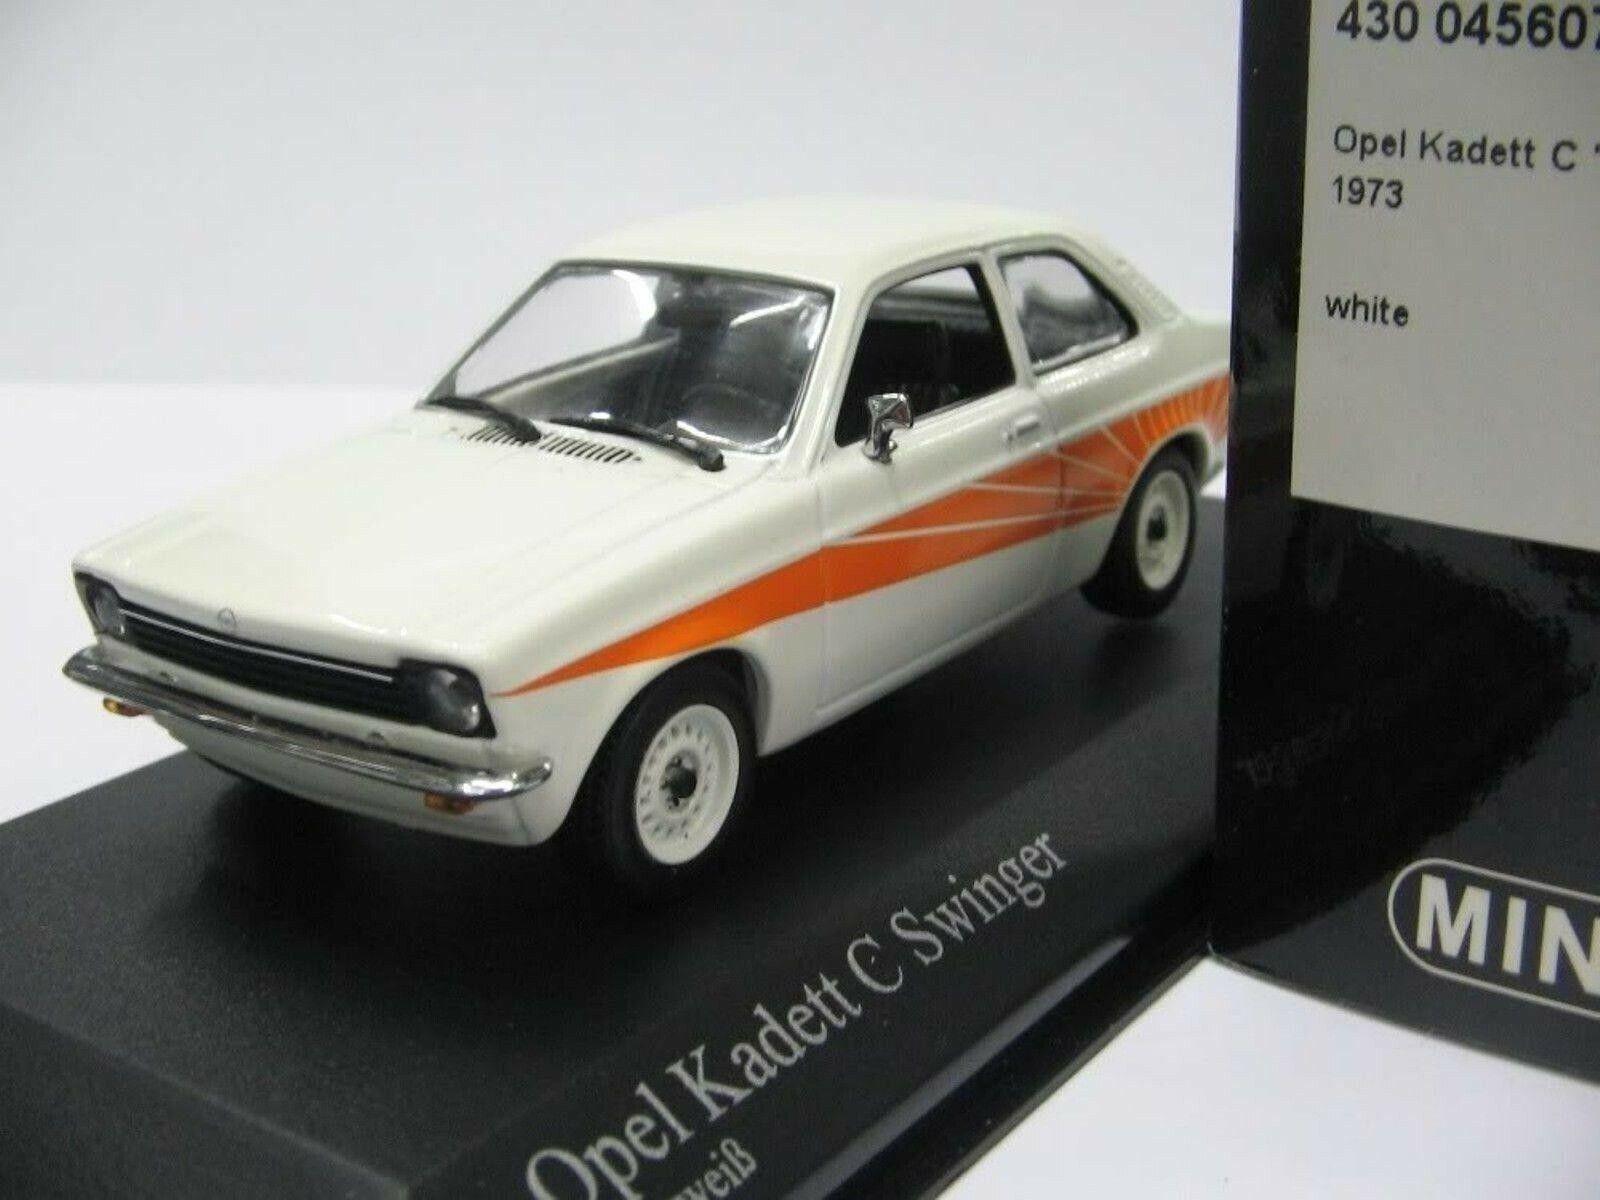 WOW EXTREMELY RARE Opel Kadett C 1200S Swinger 1973 White 1 43 Minichamps-Rekord